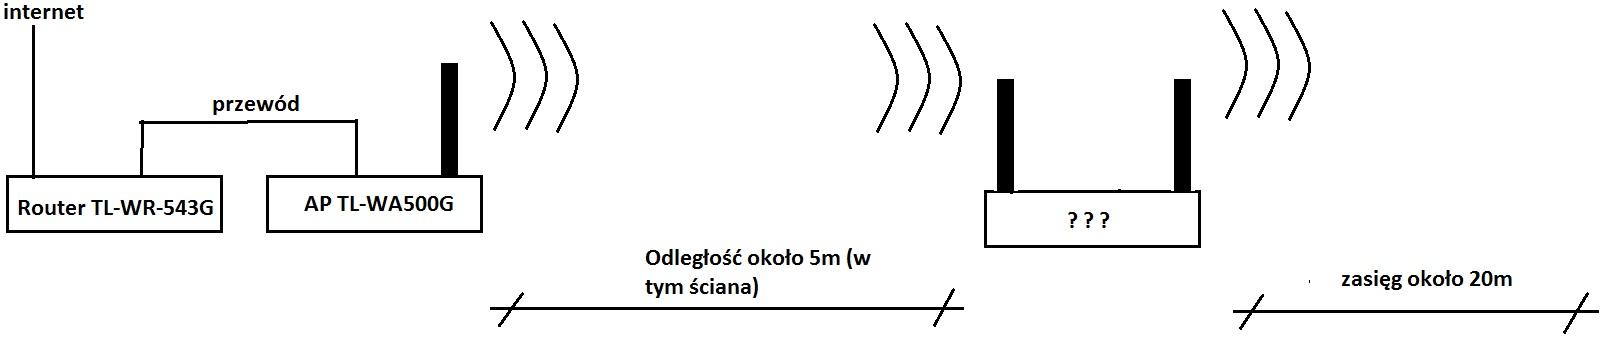 TP-LINK zwi�kszenie zasi�gu - przed�u�enie zasi�gu sieci wi-fi